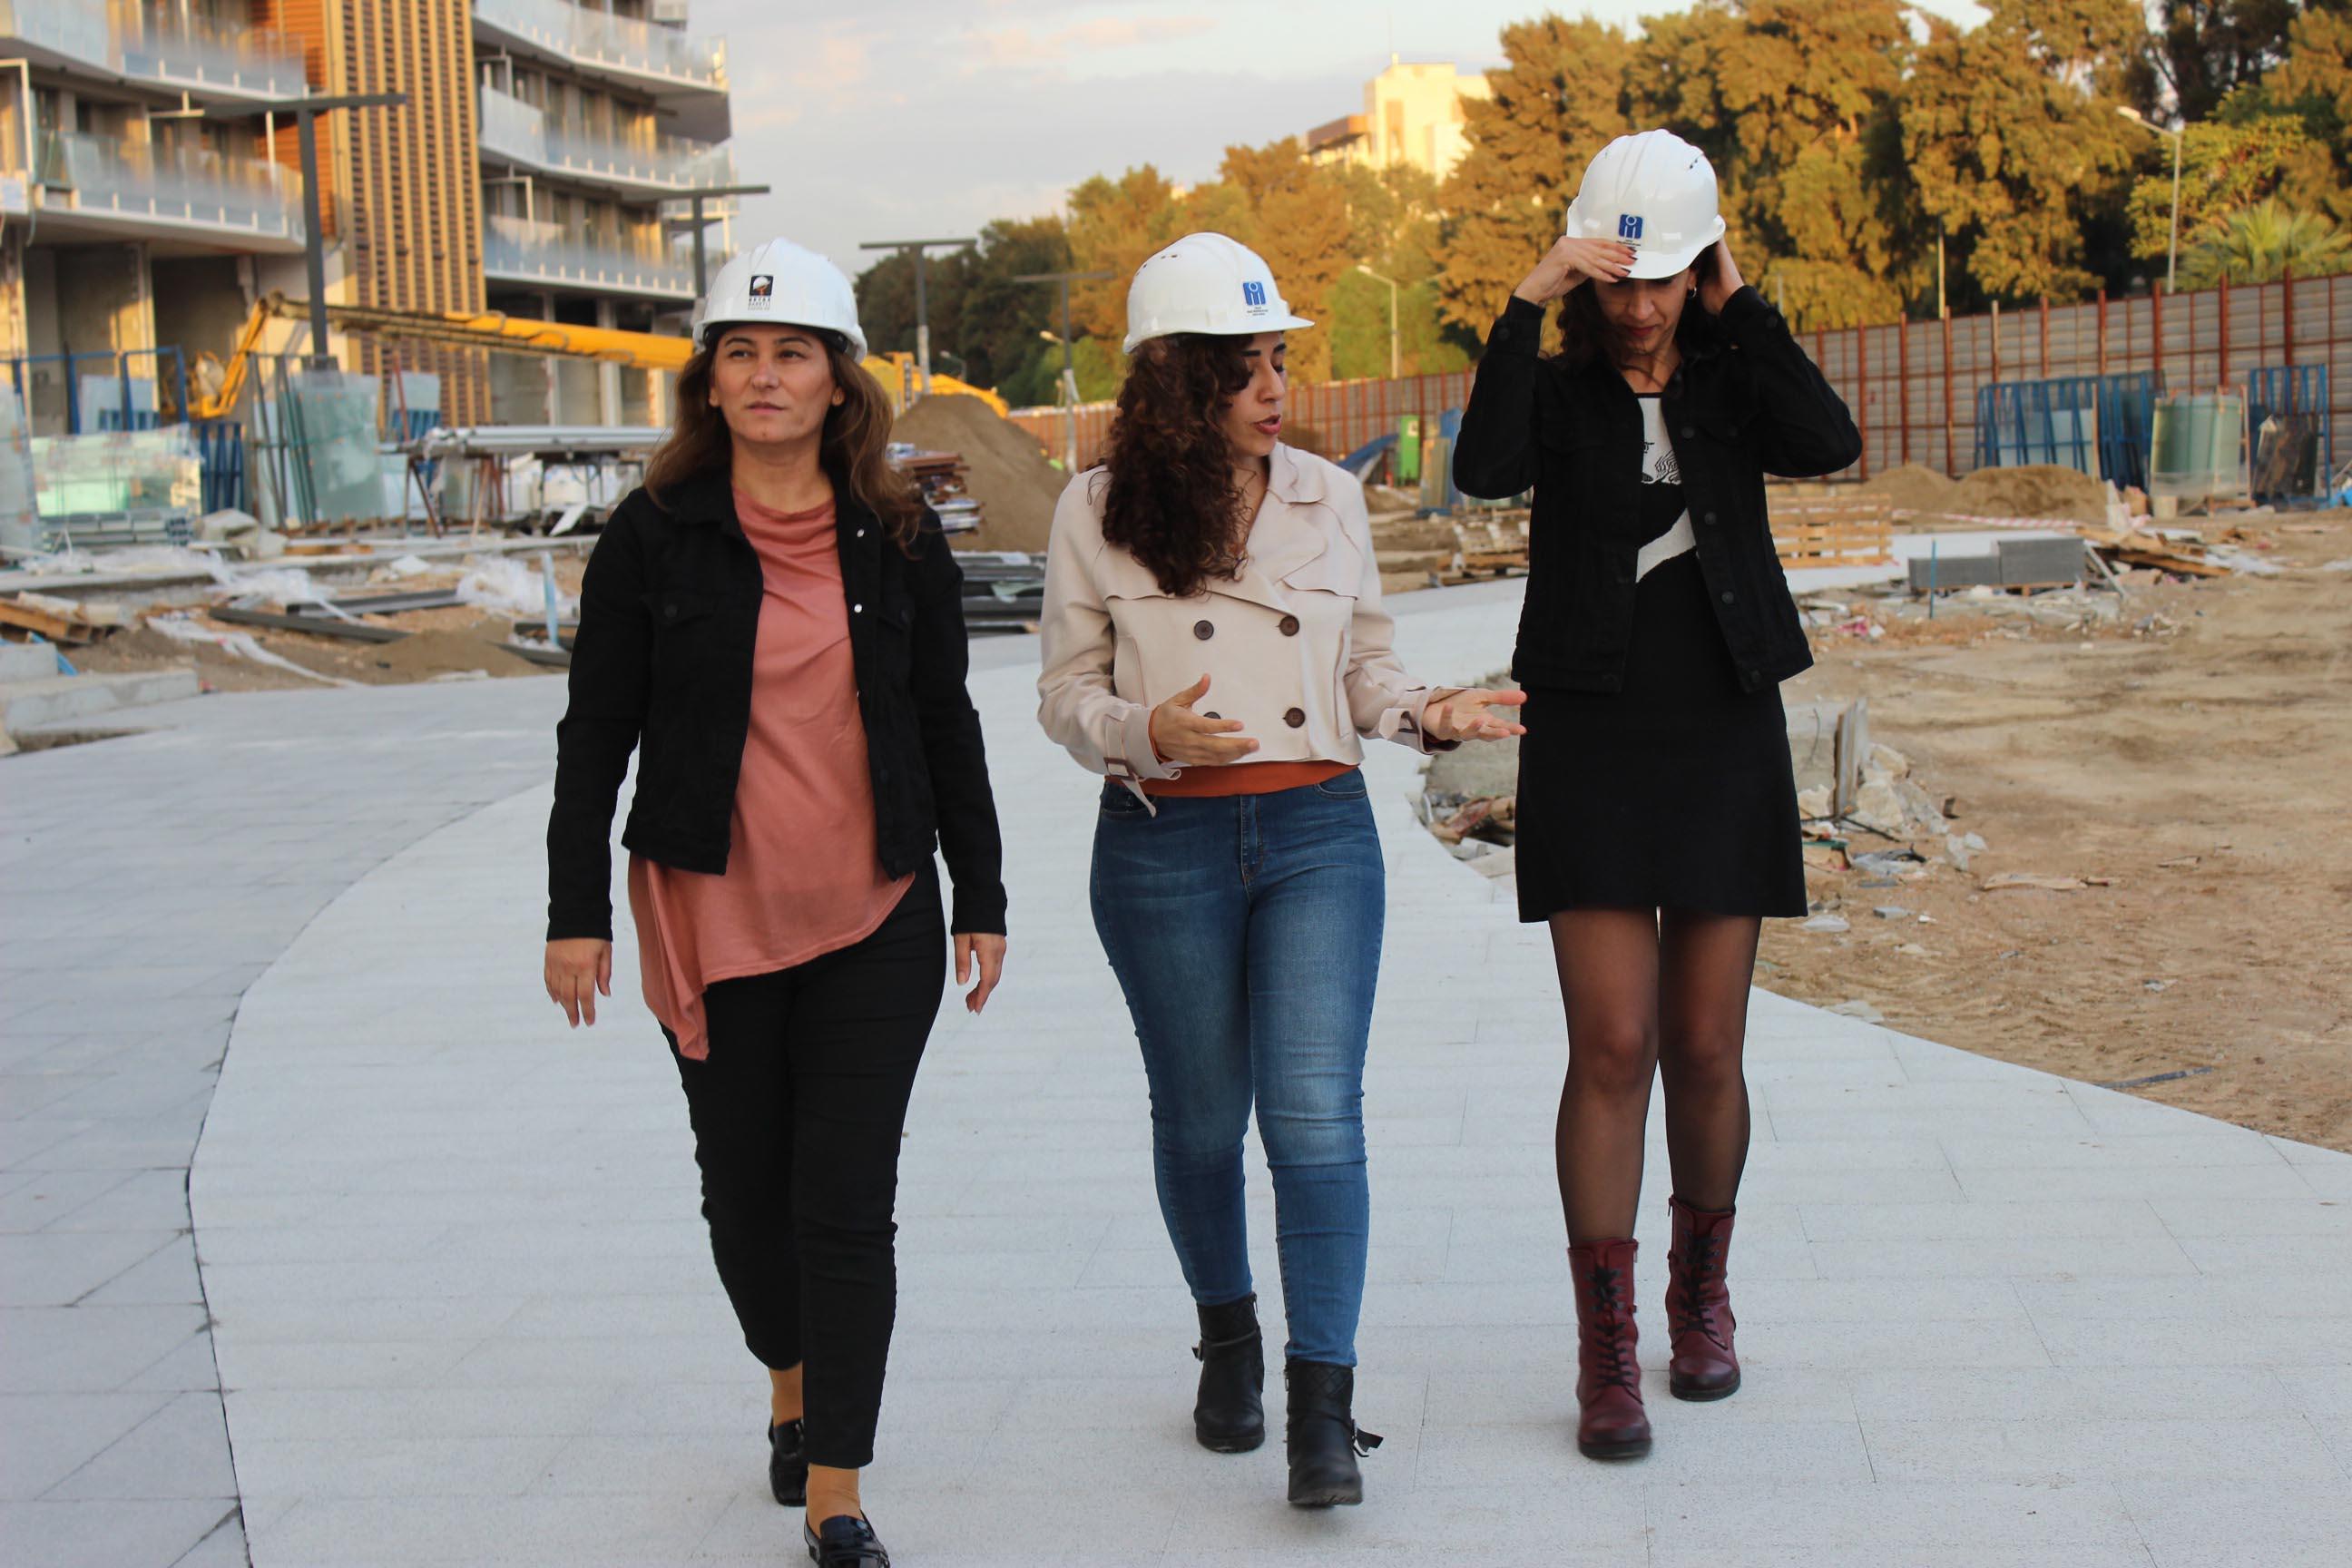 Daha fazla kadın inşaat mühendisi için 'Beyaz Baretli Kadınlar' hareketi